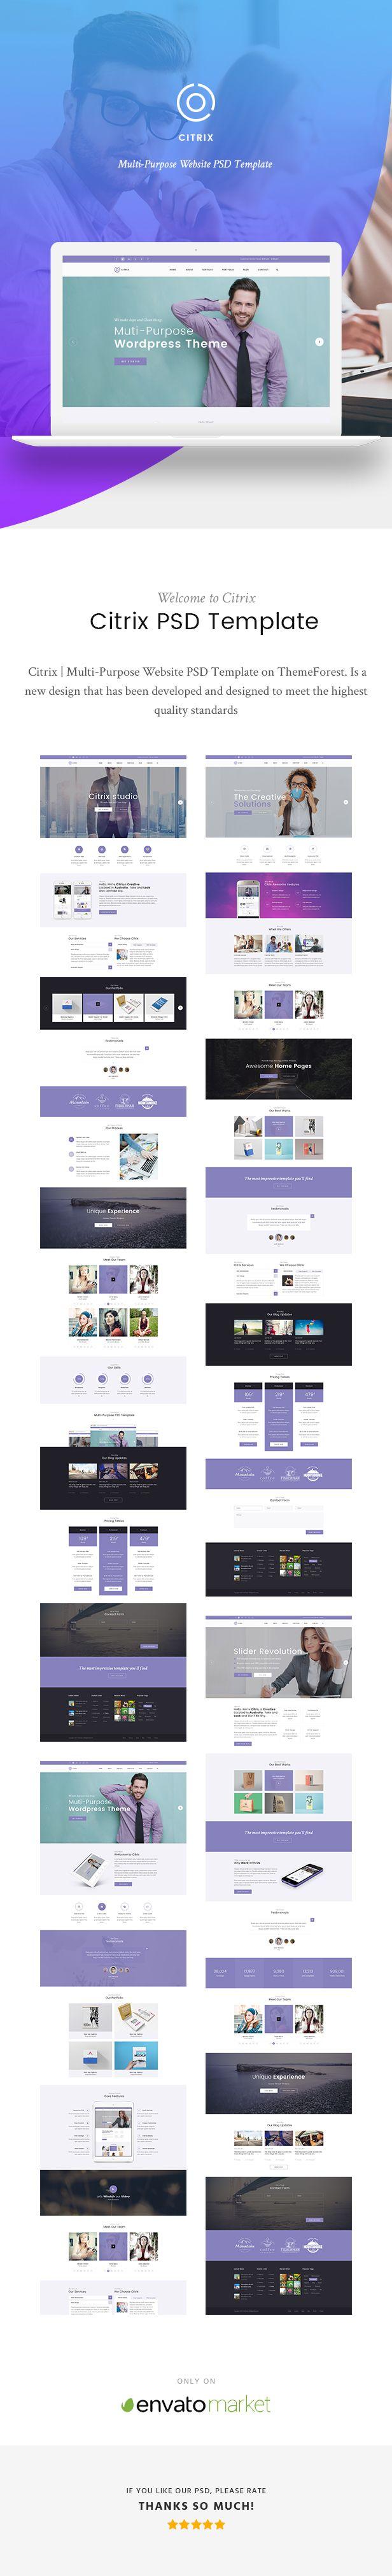 Citrix | Multi-Purpose Website PSD Template - 2